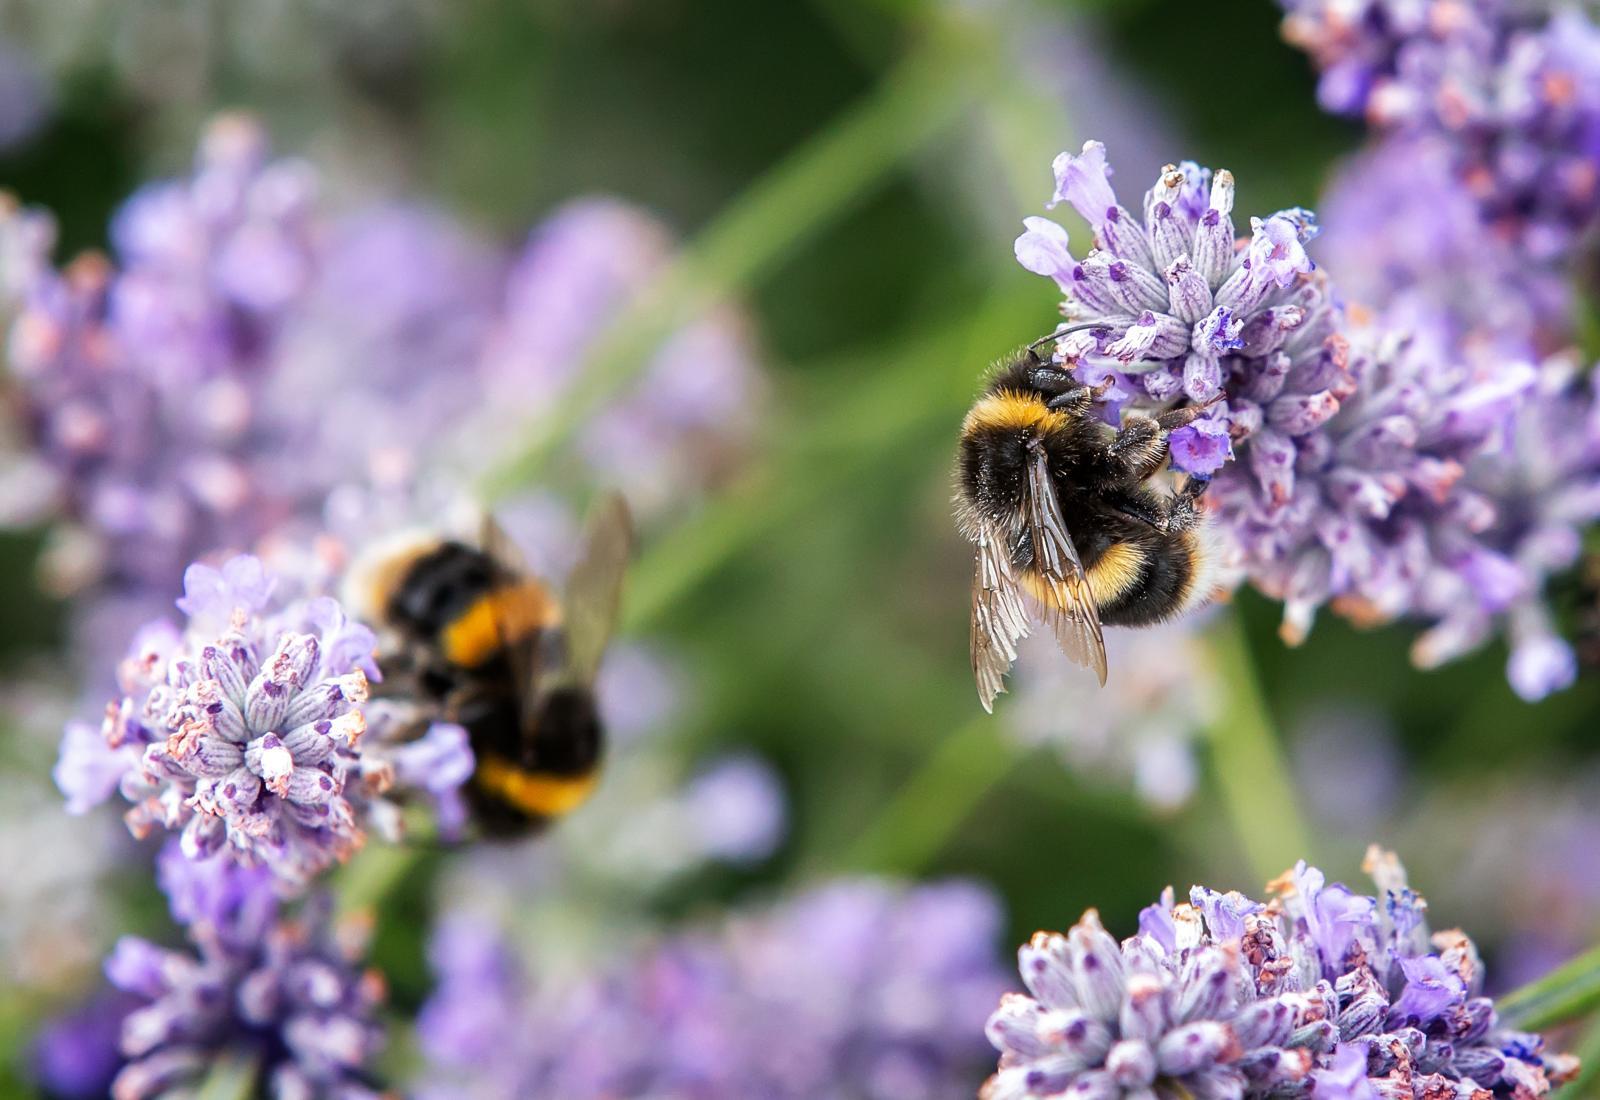 Get Your Garden Buzzing - Create a Bee-Friendly Garden This Spring!